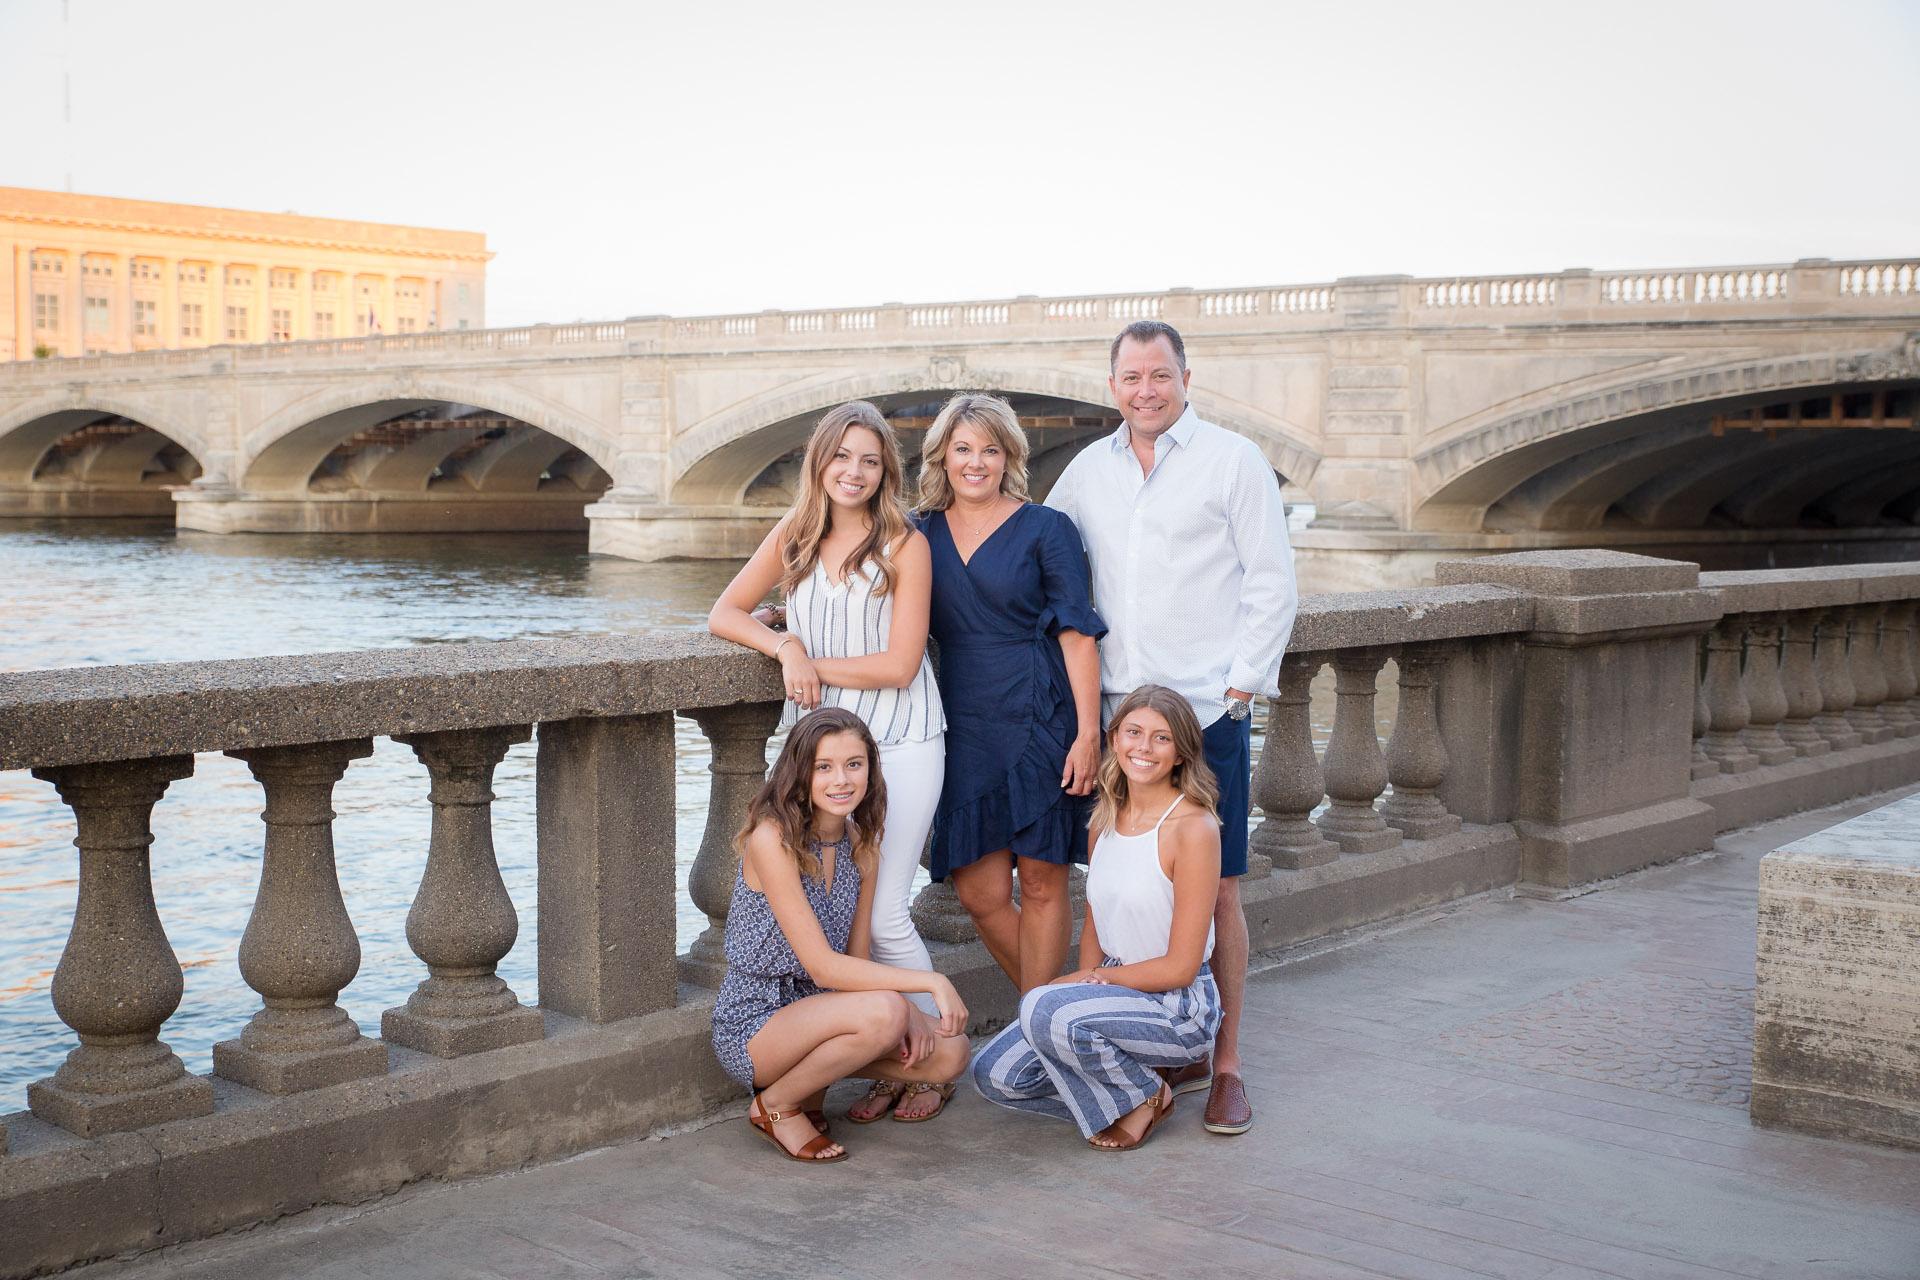 Family-Photographer-Des-Moines-33.jpg